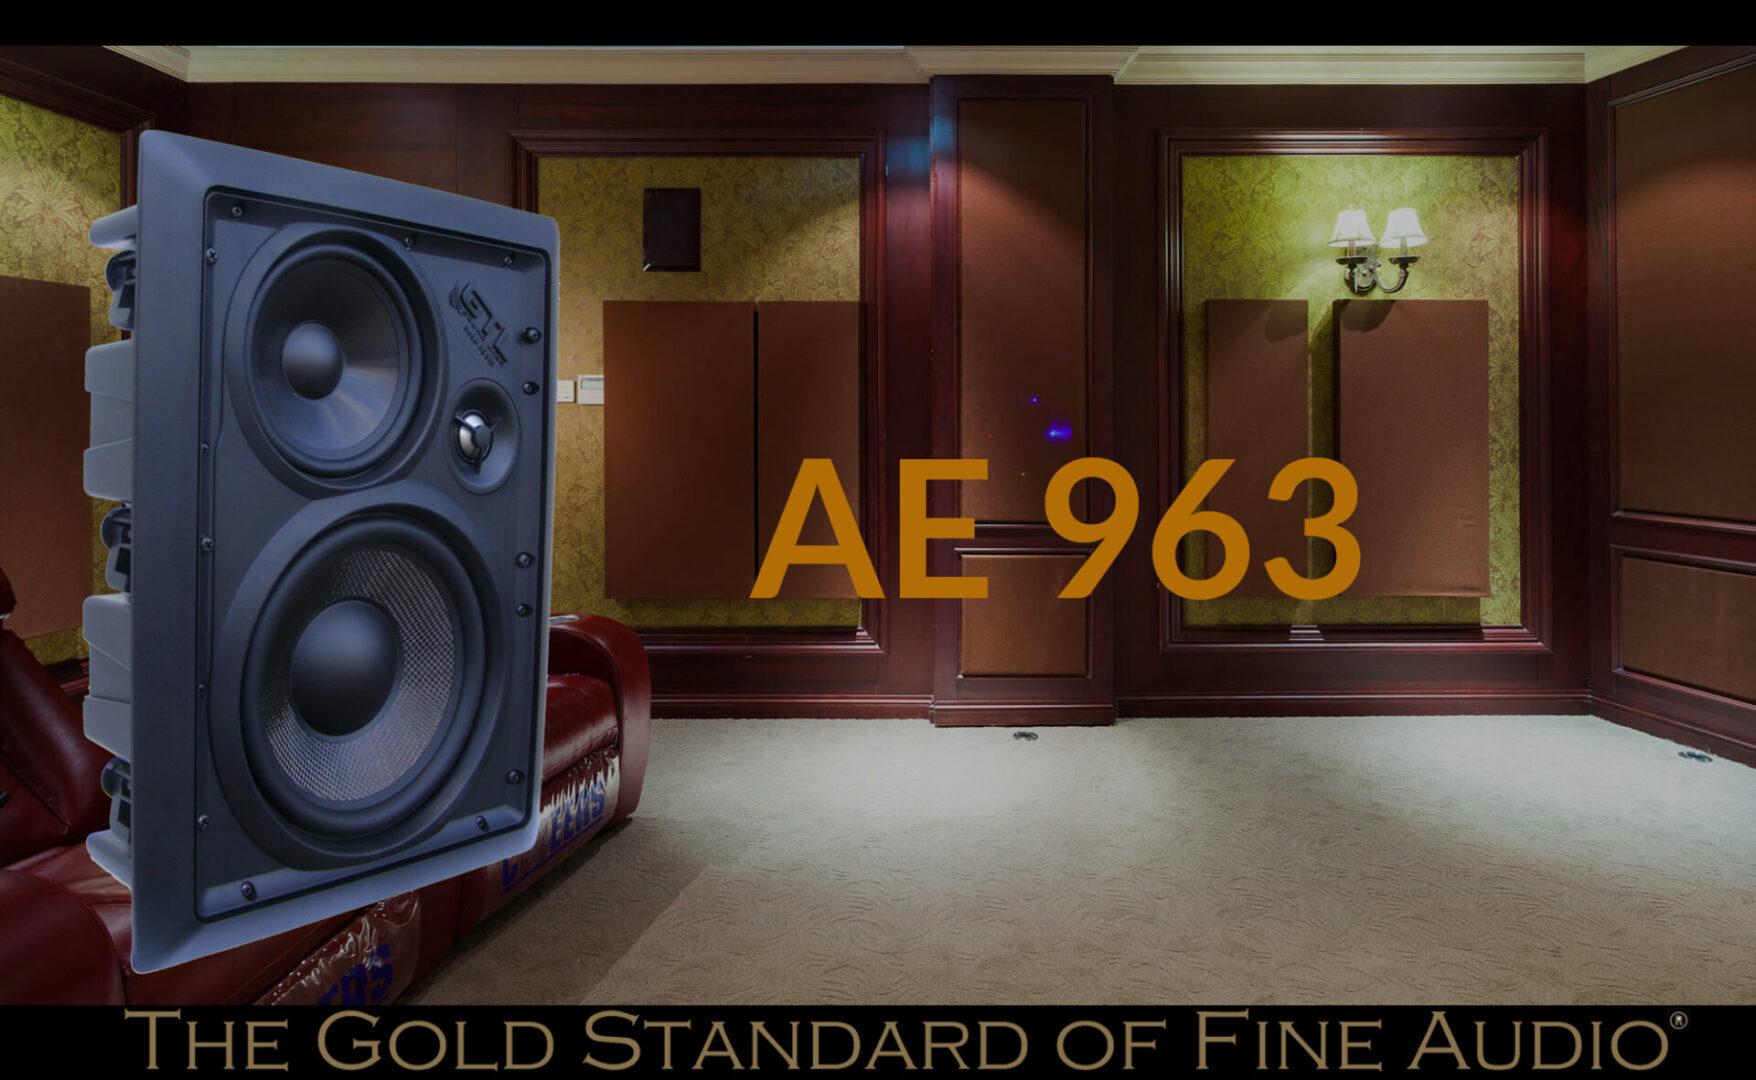 AE_963_Full_size_header